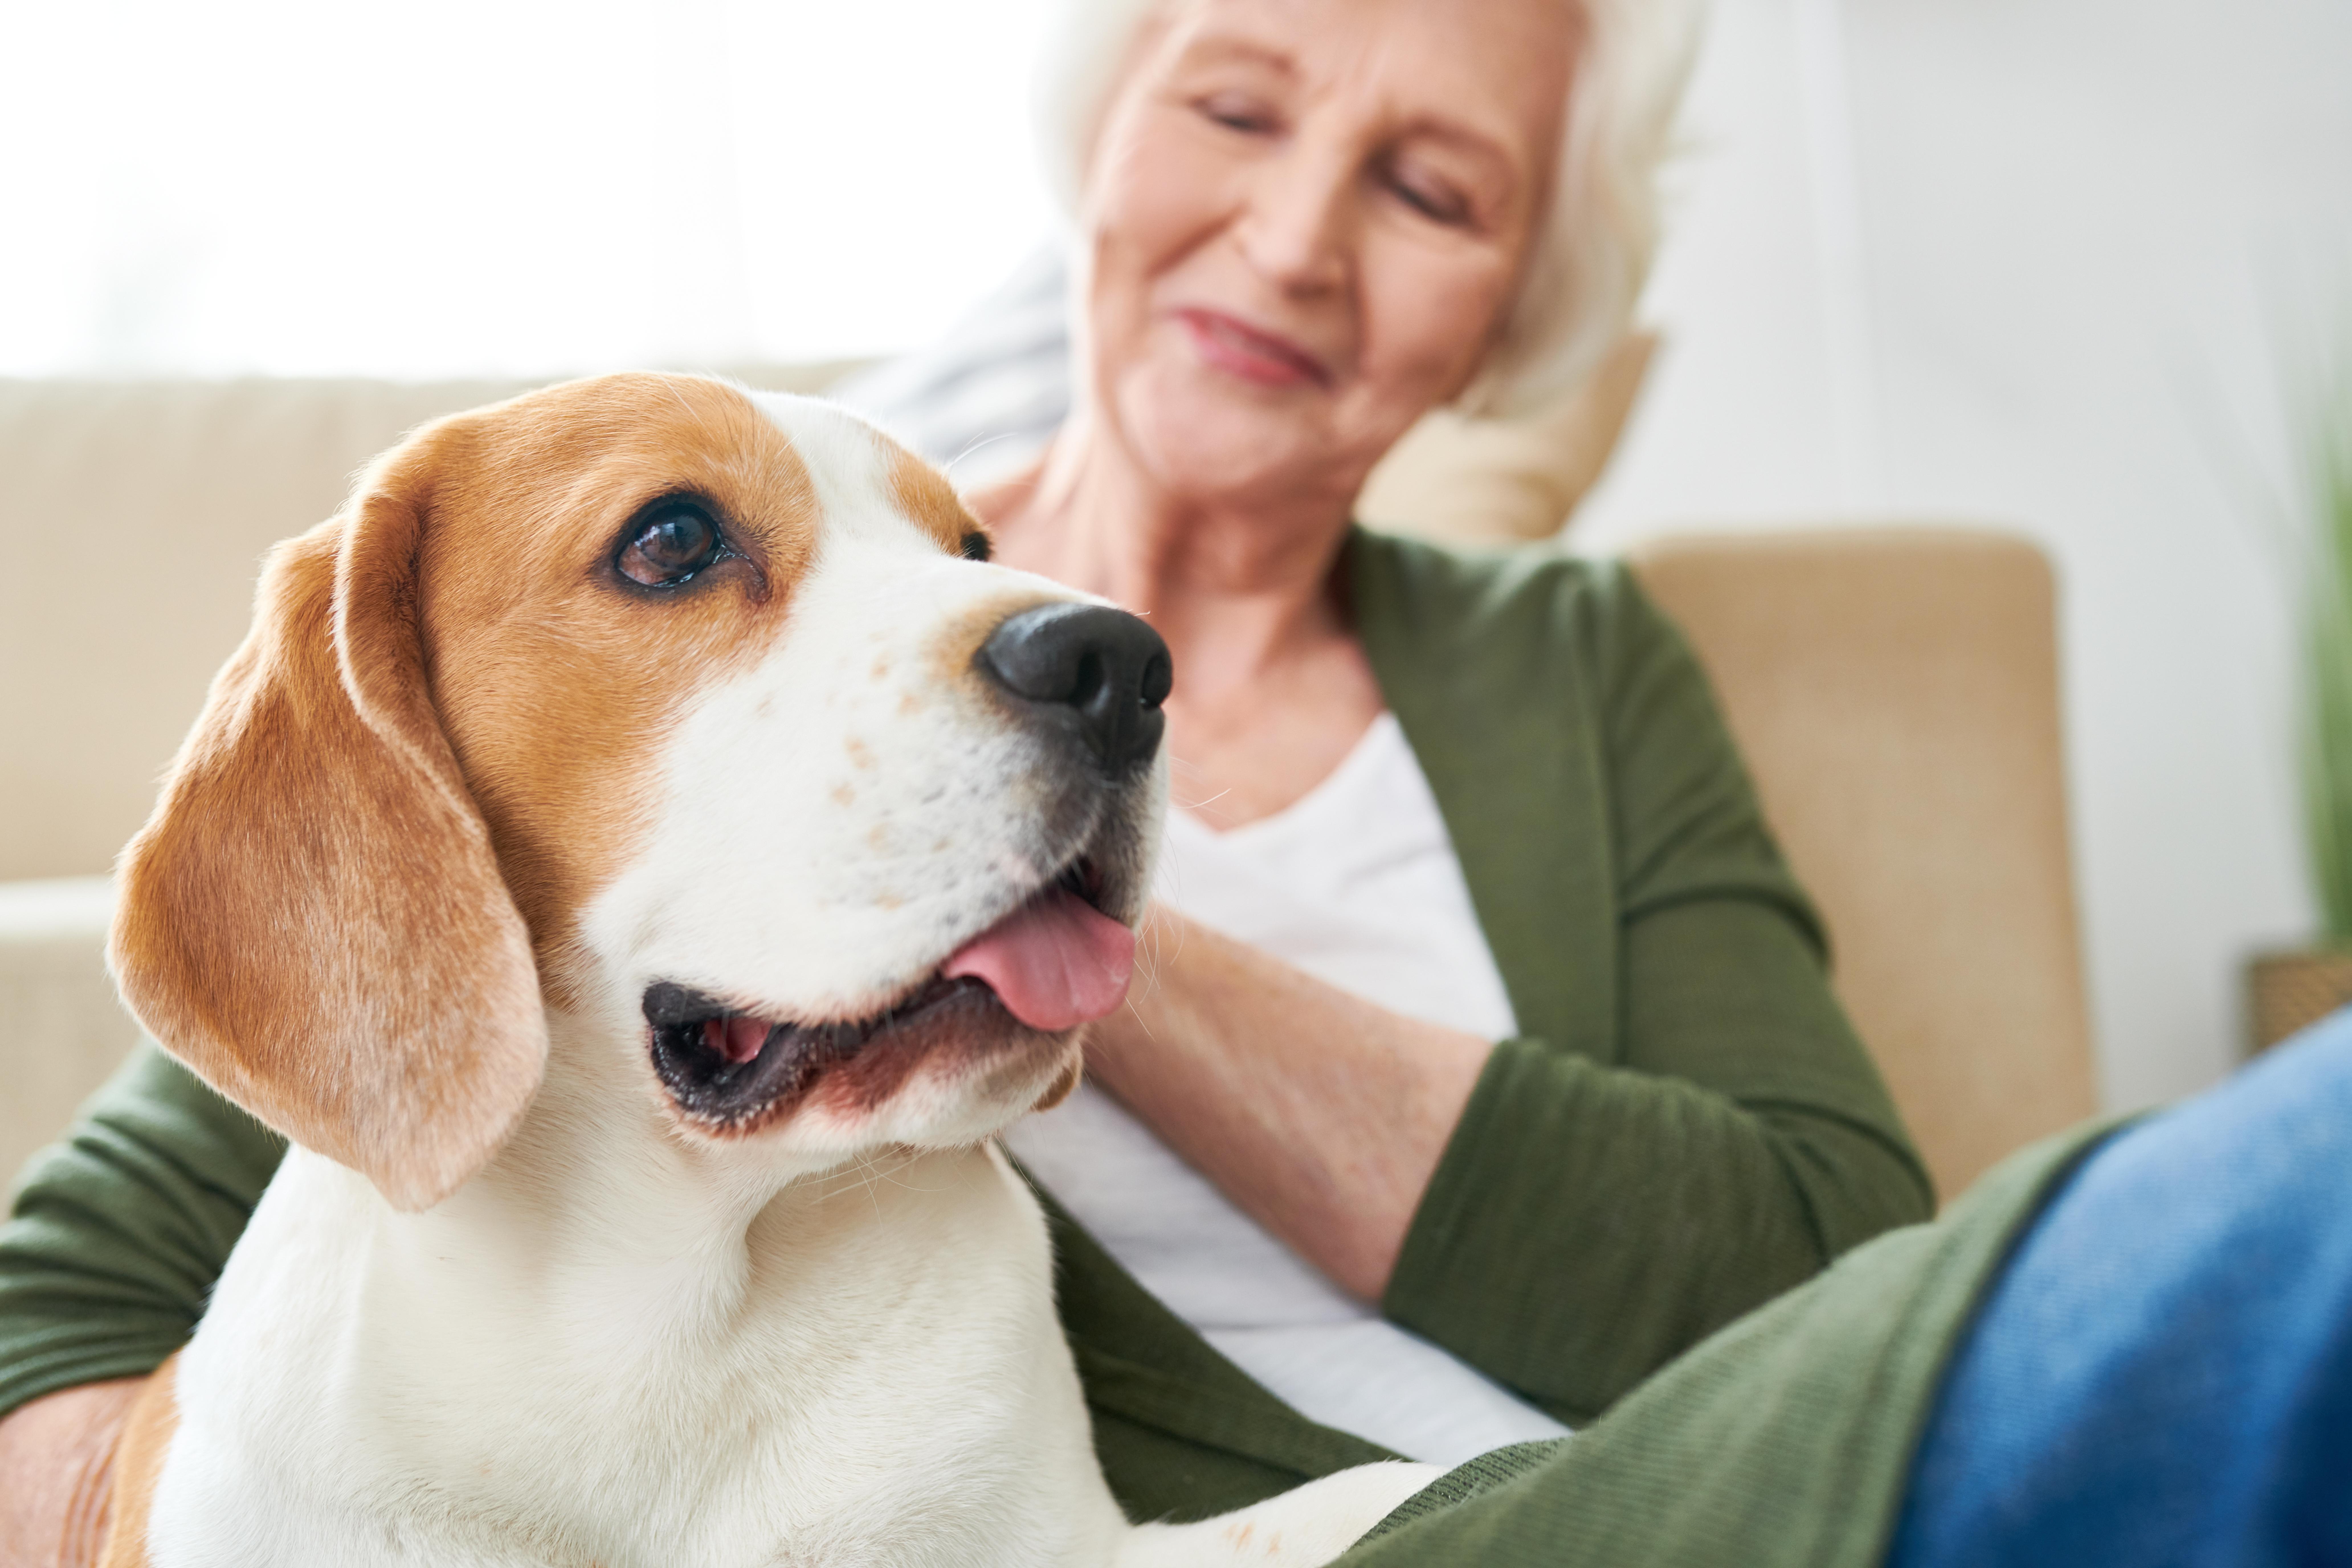 Ensamstående hundägare som haft hjärtinfarkt hade 33 procent lägre risk att dö i efterföljden till sjukdomen.